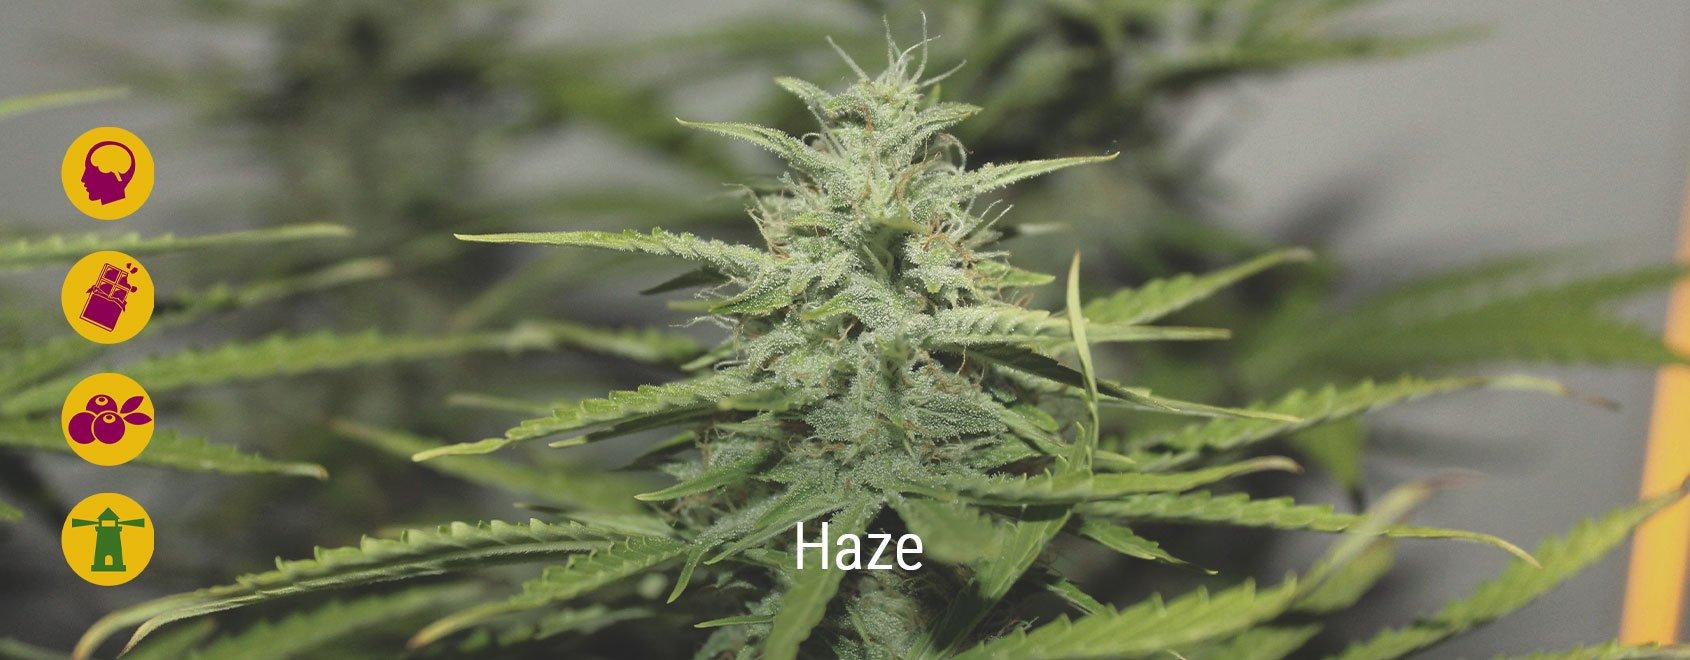 Best haze cannabis strains